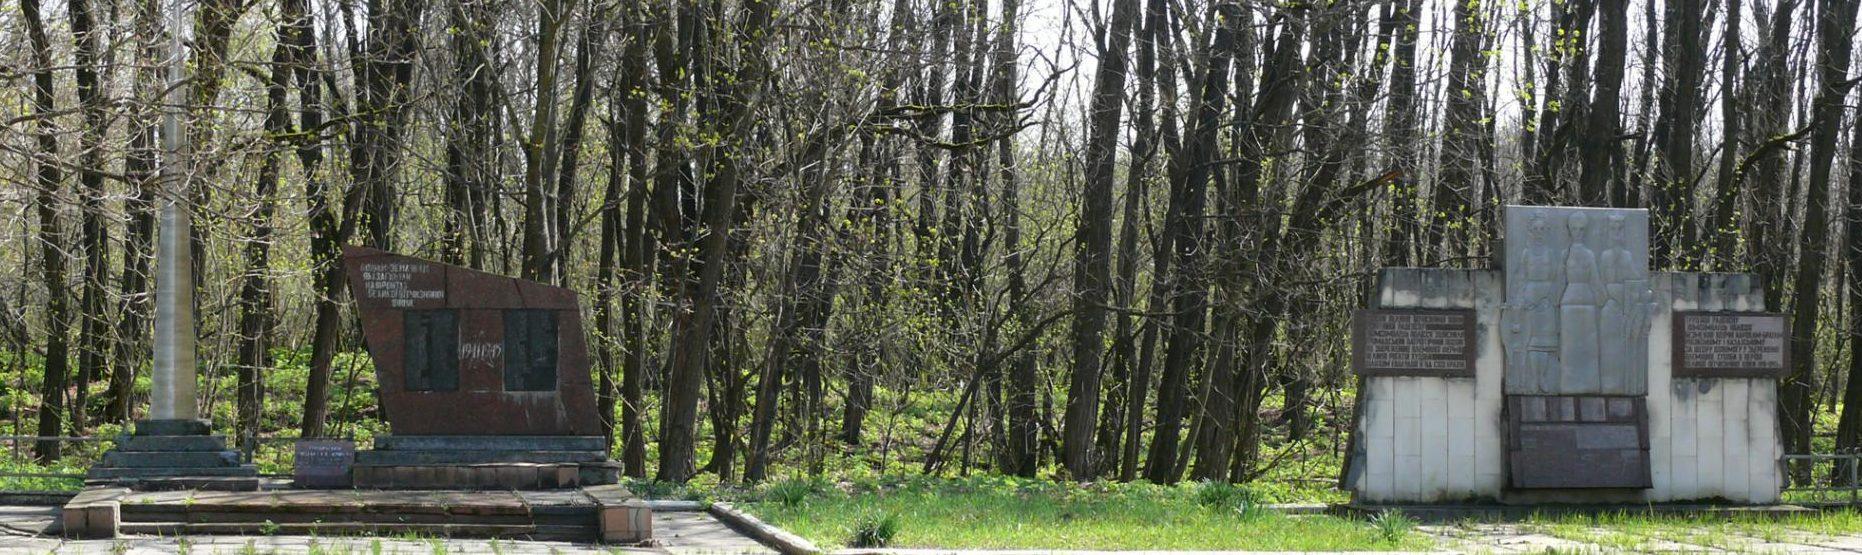 с. Лелёв, Чернобыльская зона отчуждения. Памятник воинам-односельчанам.